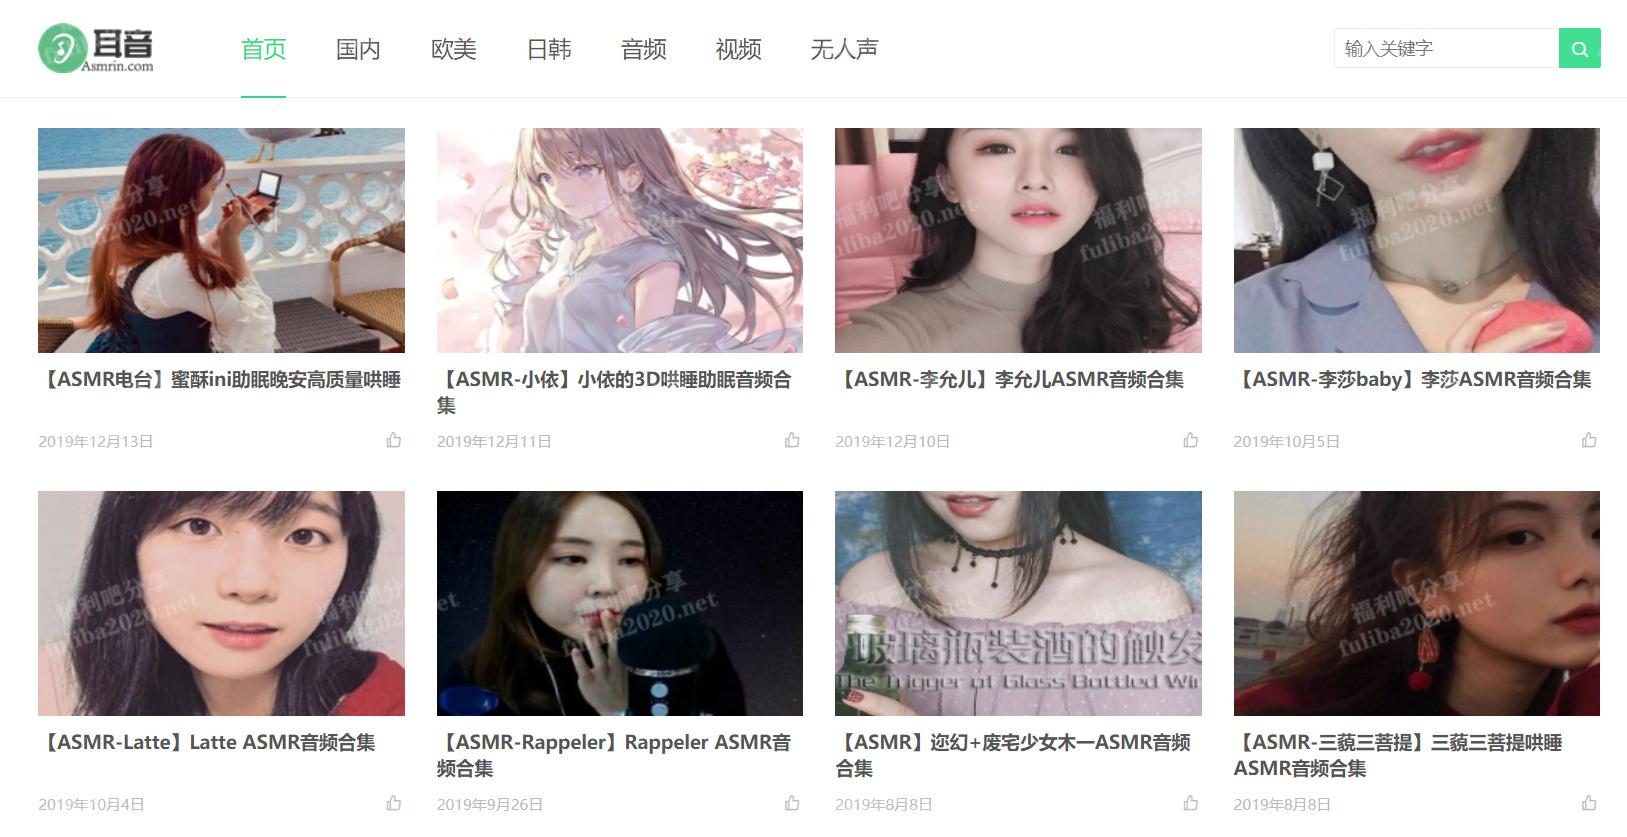 ASMR助眠音乐网站大合集-asmr-『游乐宫』Youlegong.com 第2张